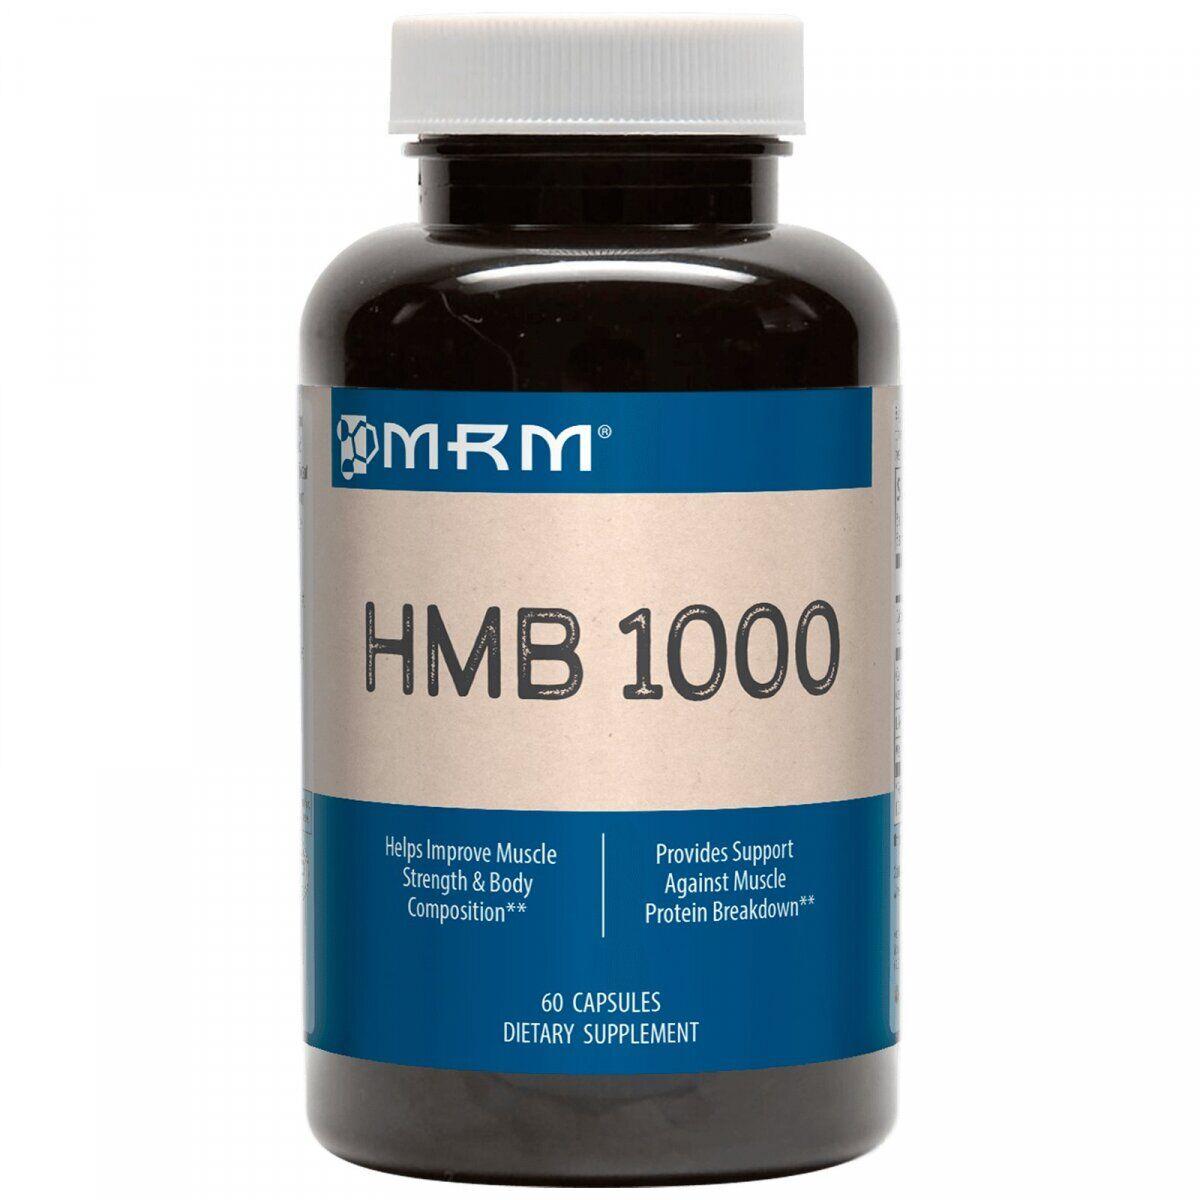 Гидроксиметилбутират (hmb): как принимать и для чего, отзывы бб